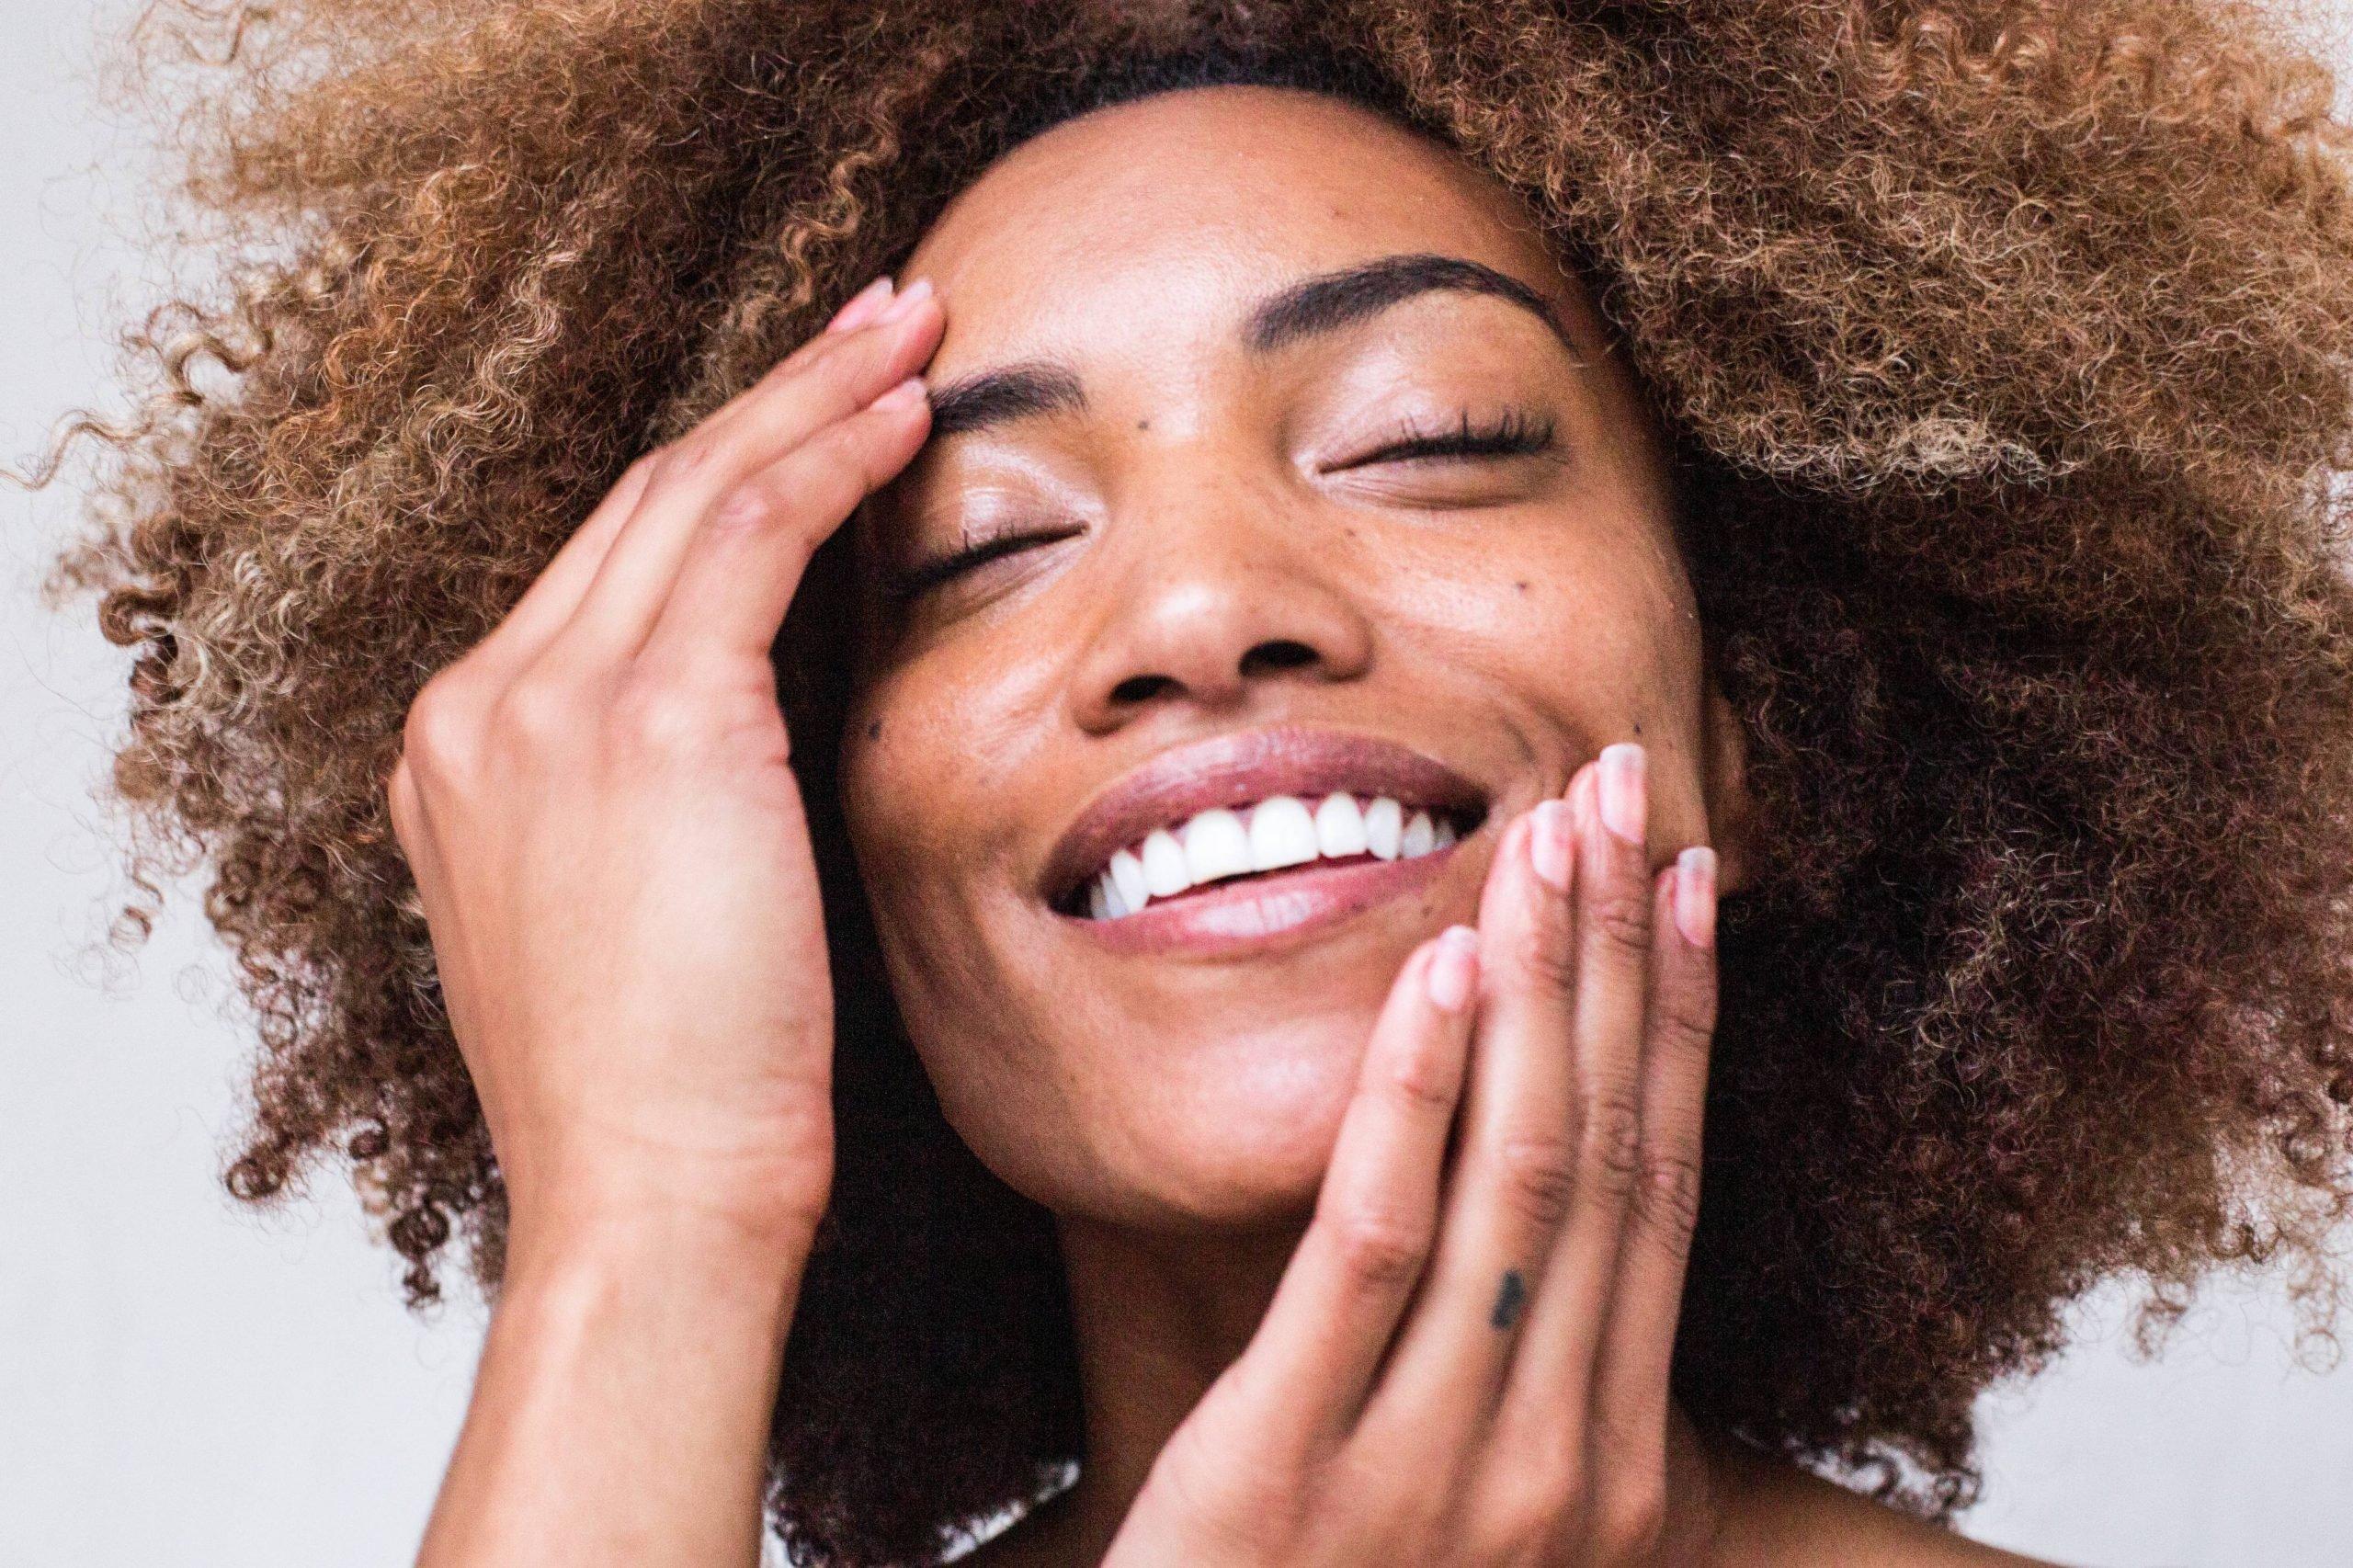 Os melhores tratamentos para espinhas, acne e manchas